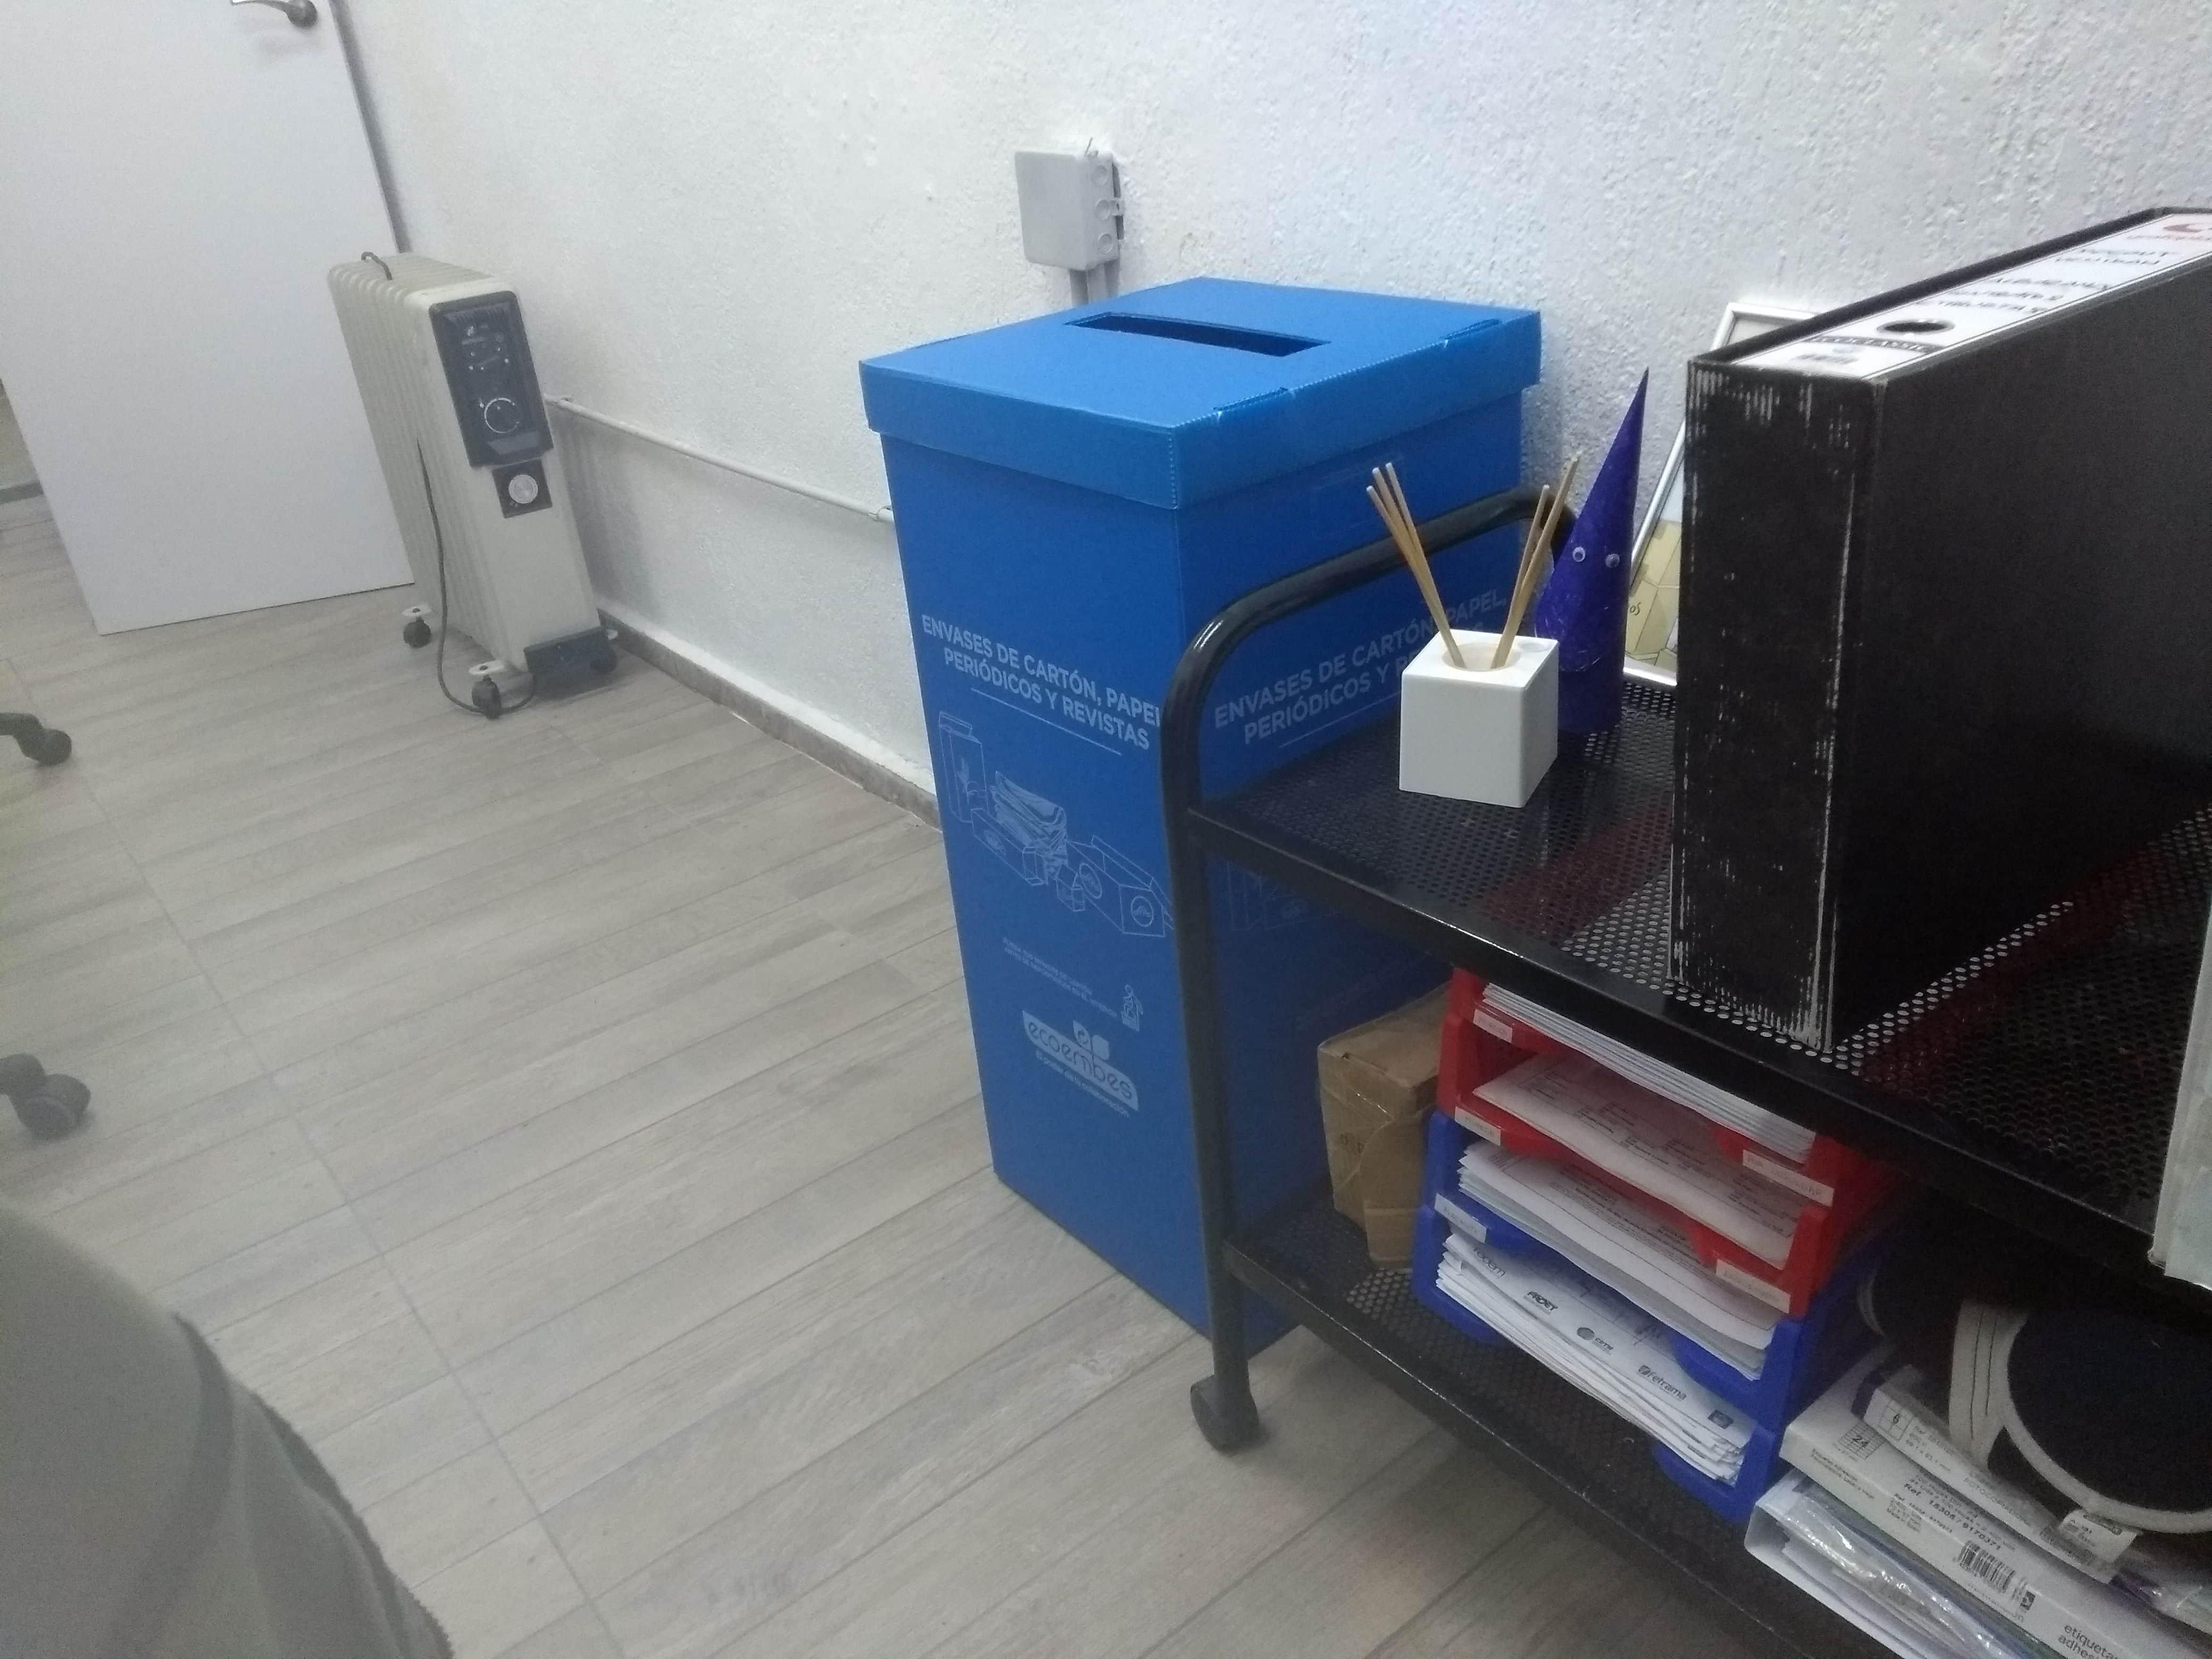 Ecoembes firma un acuerdo con BBVA para impulsar el reciclaje